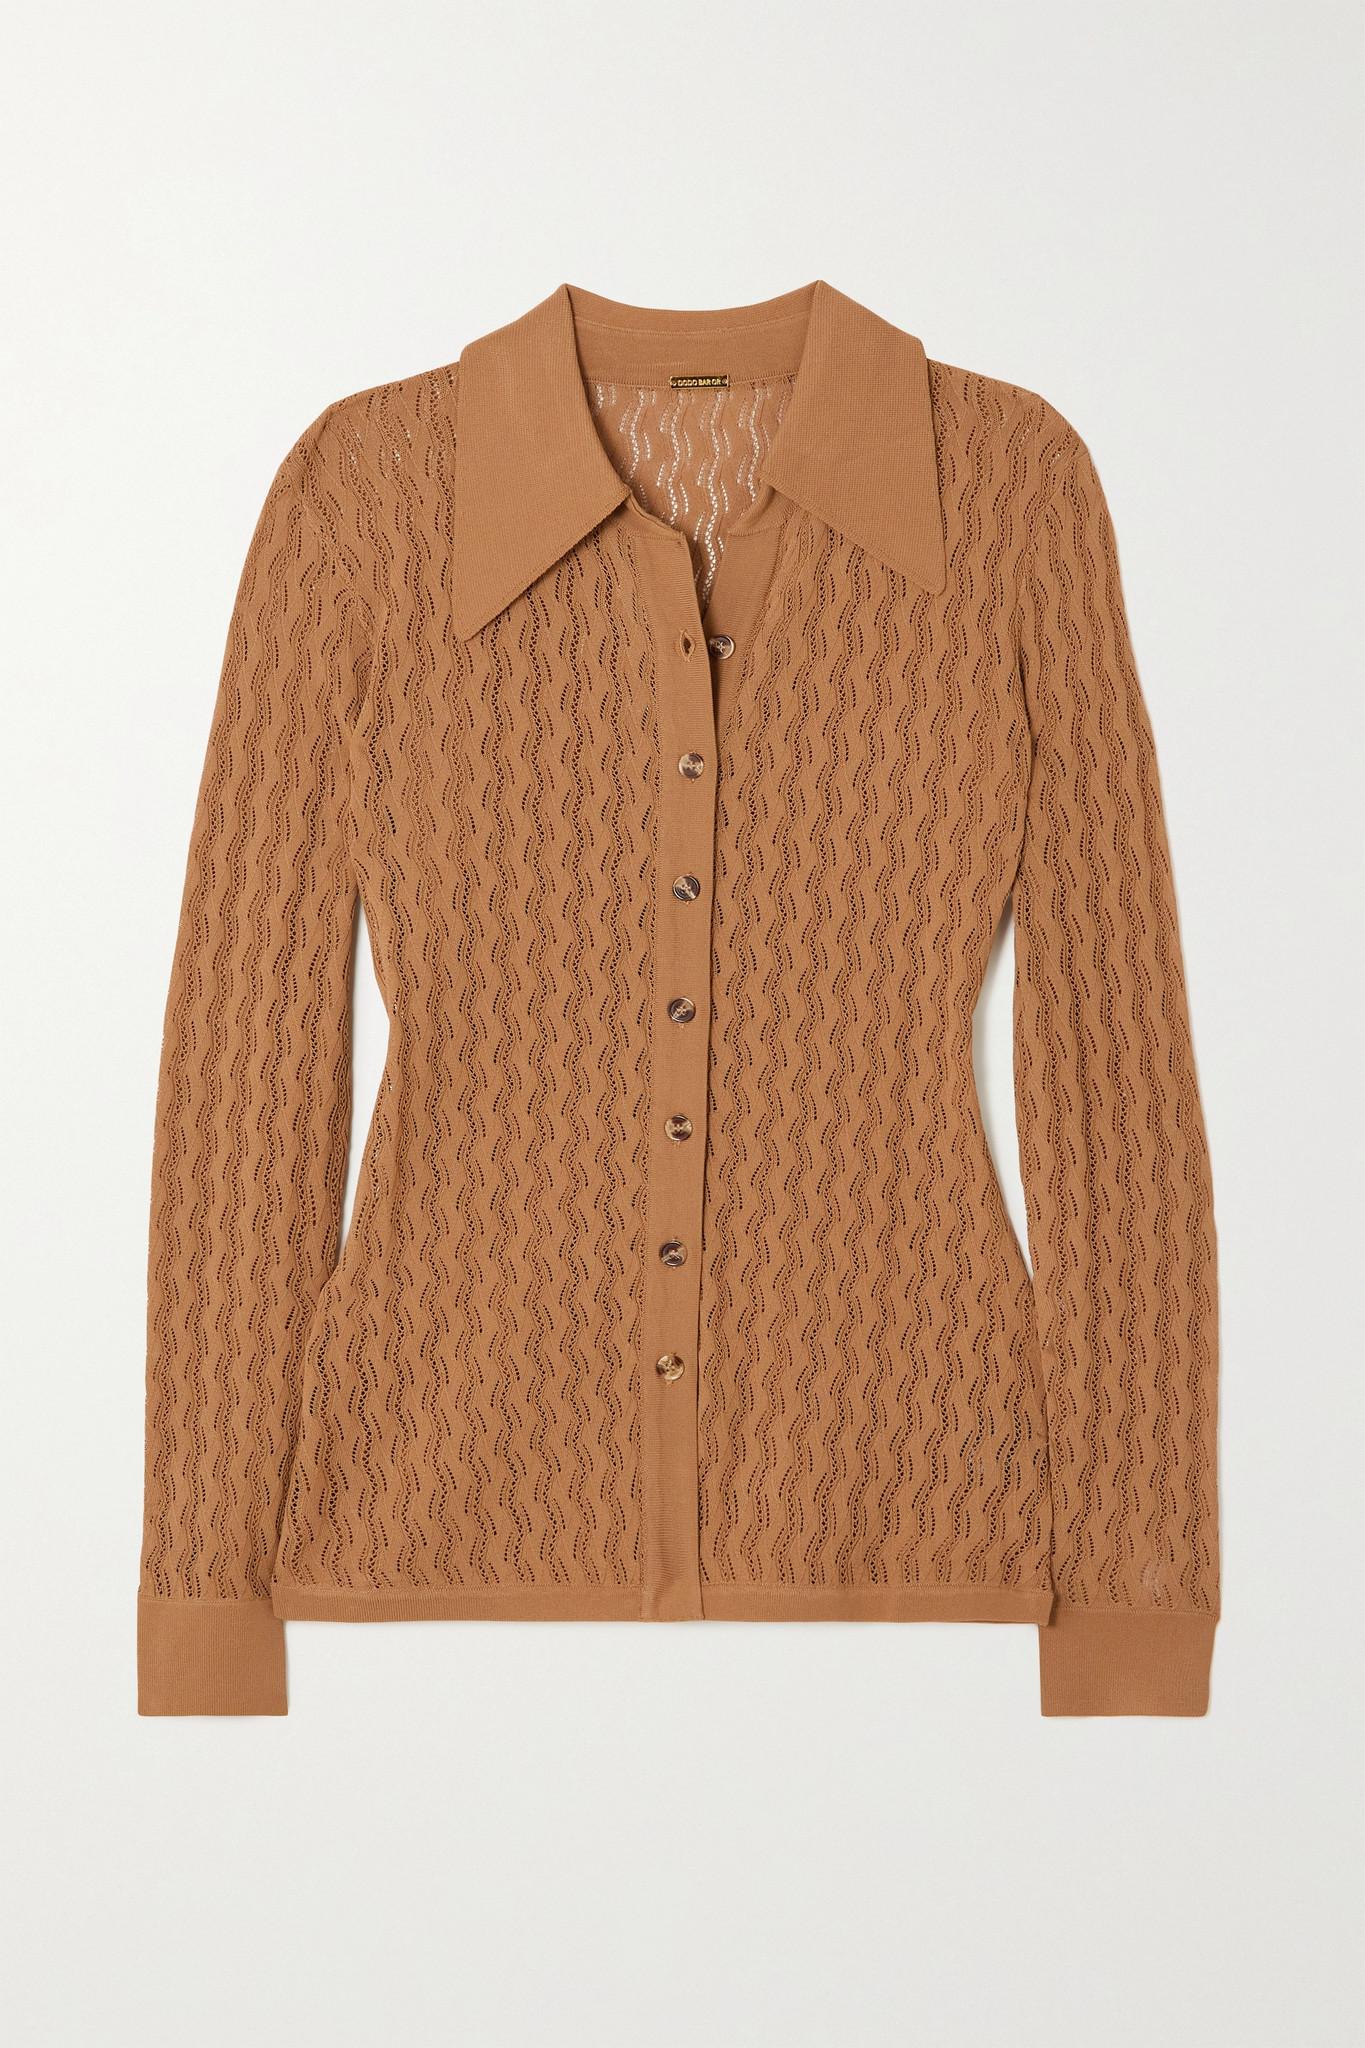 DODO BAR OR - Meryl Pointelle-knit Cardigan - Brown - IT40